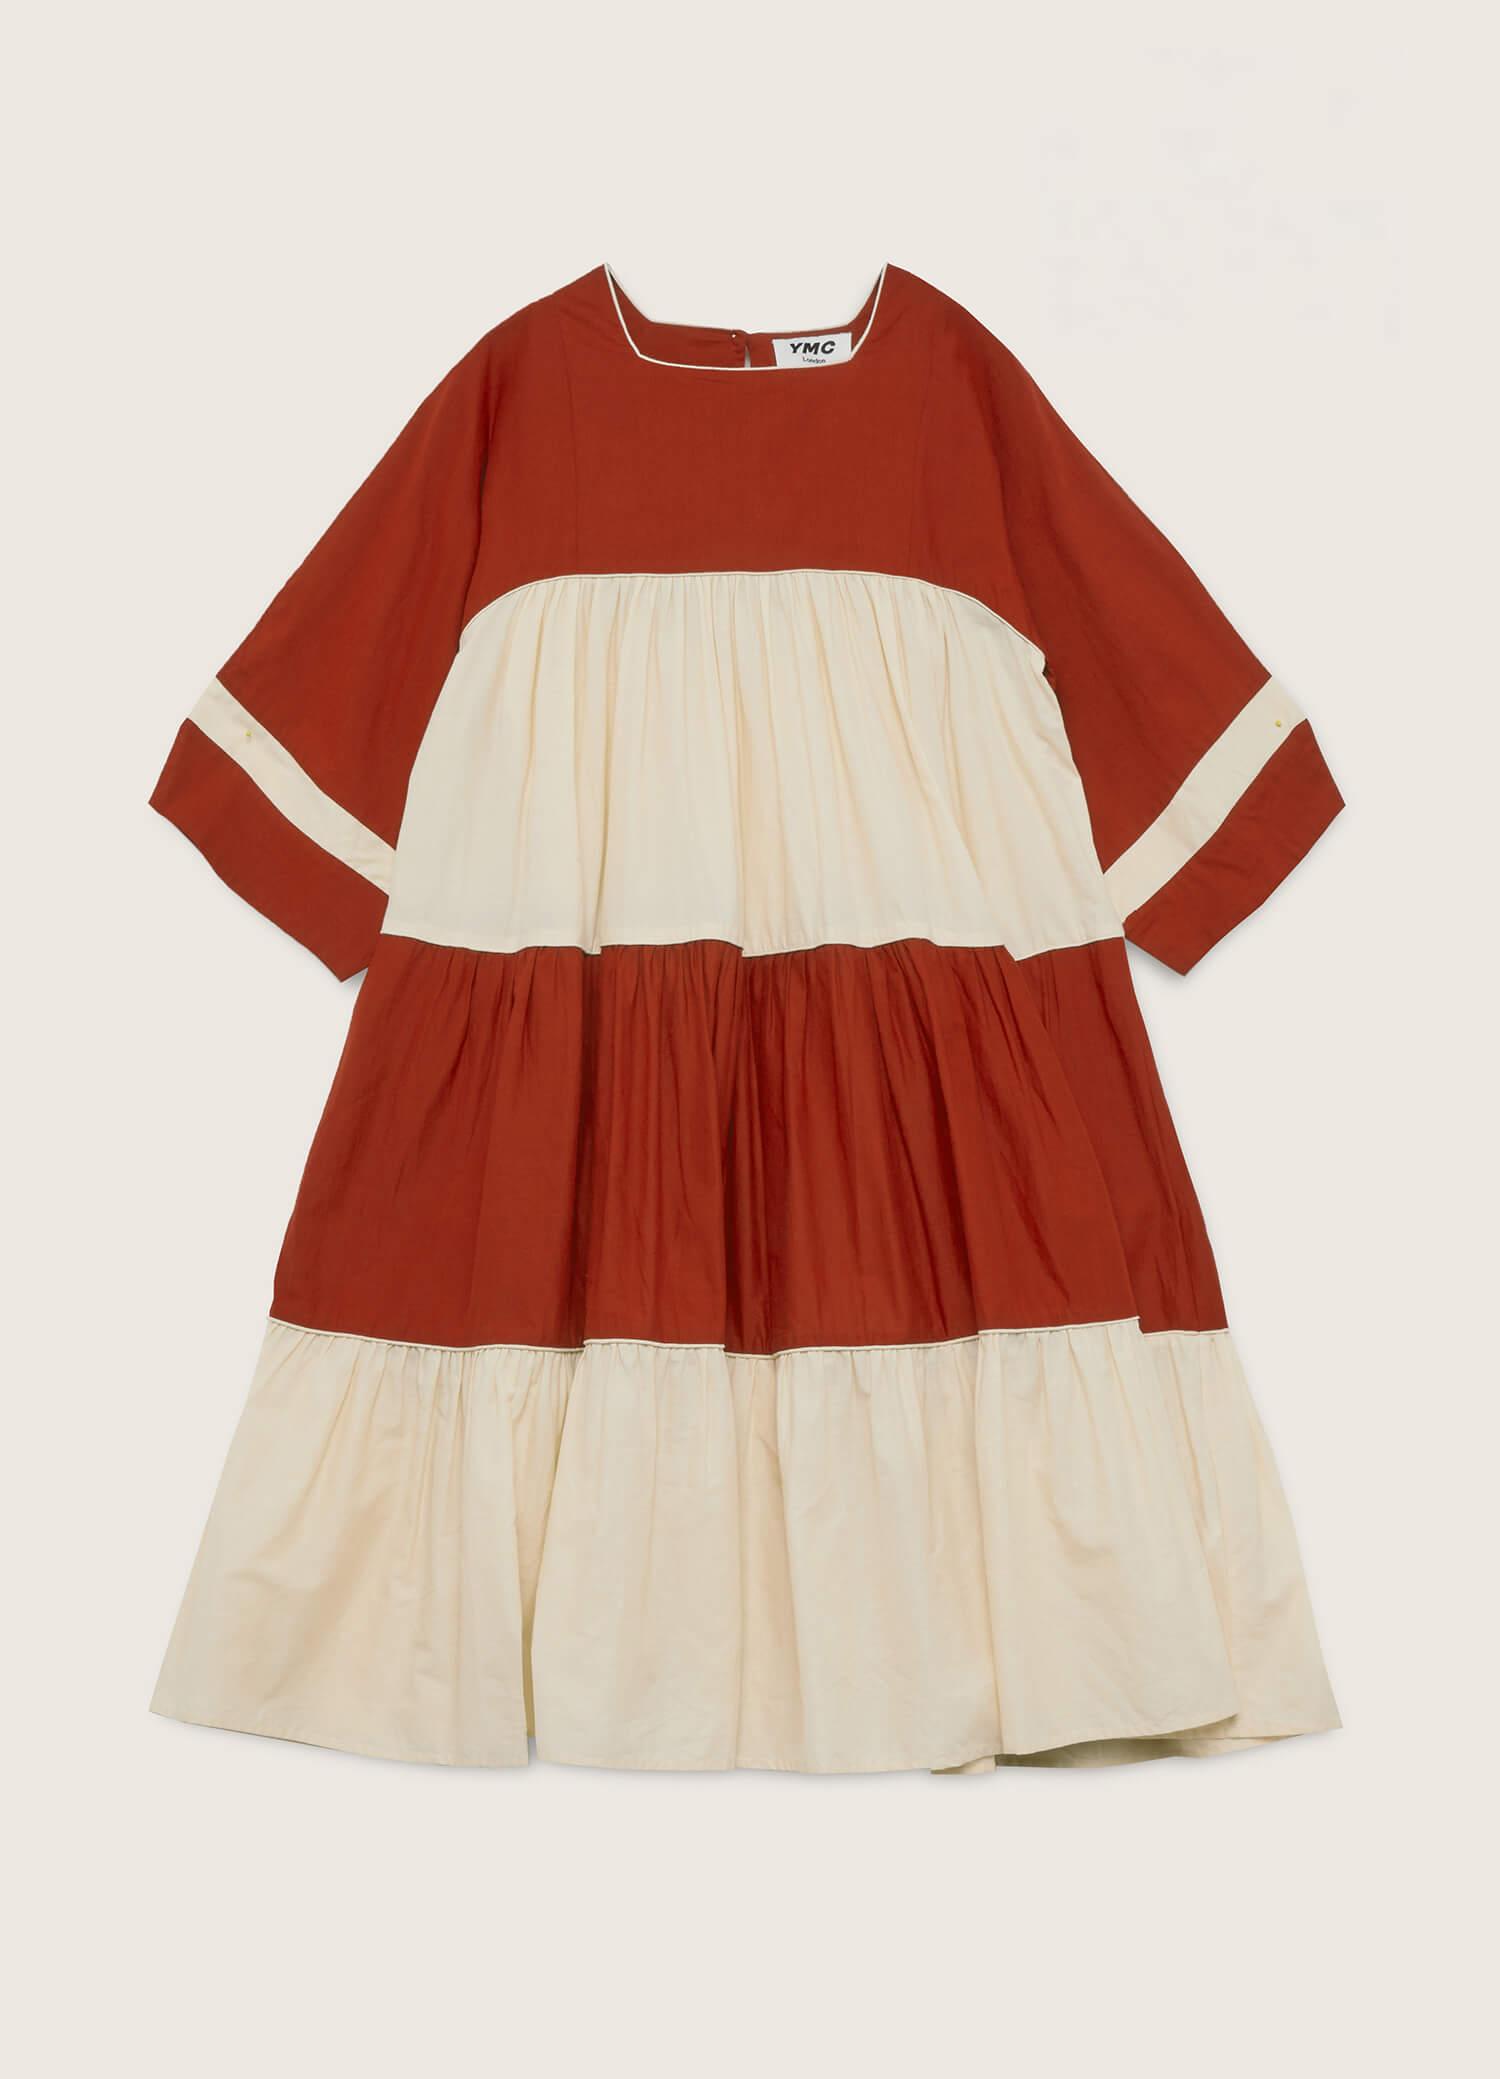 New Paloma Cotton Dress Ecru Red